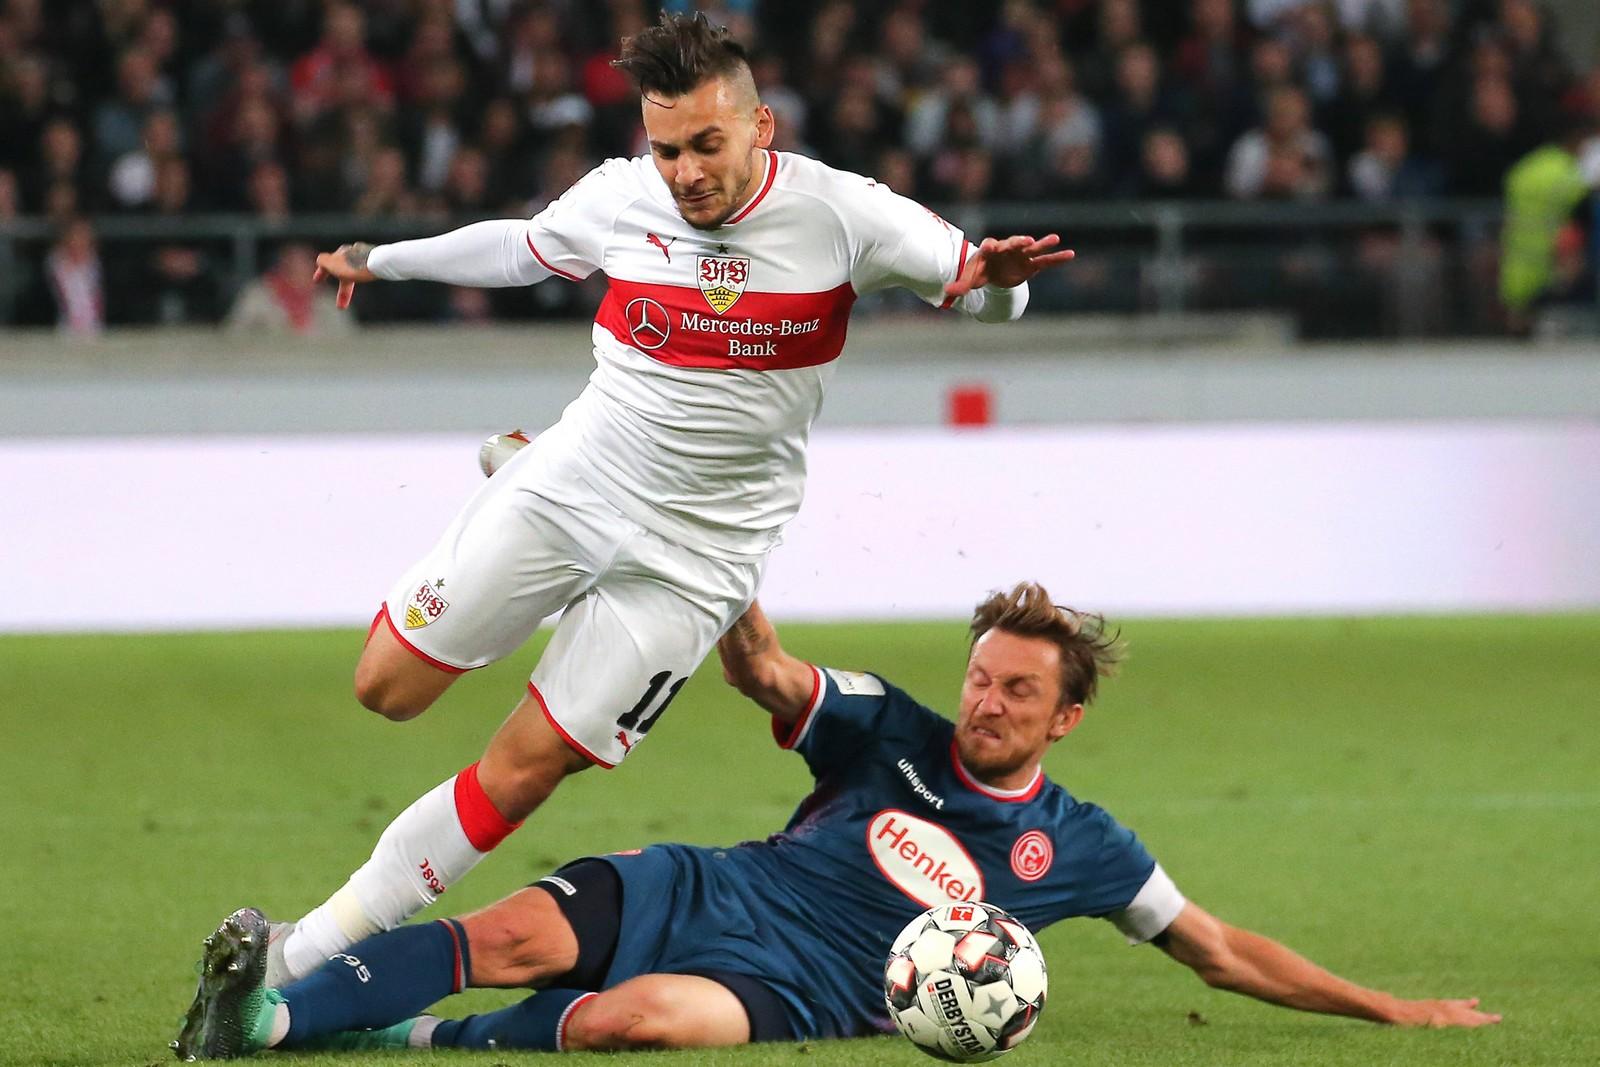 Donis vom VfB